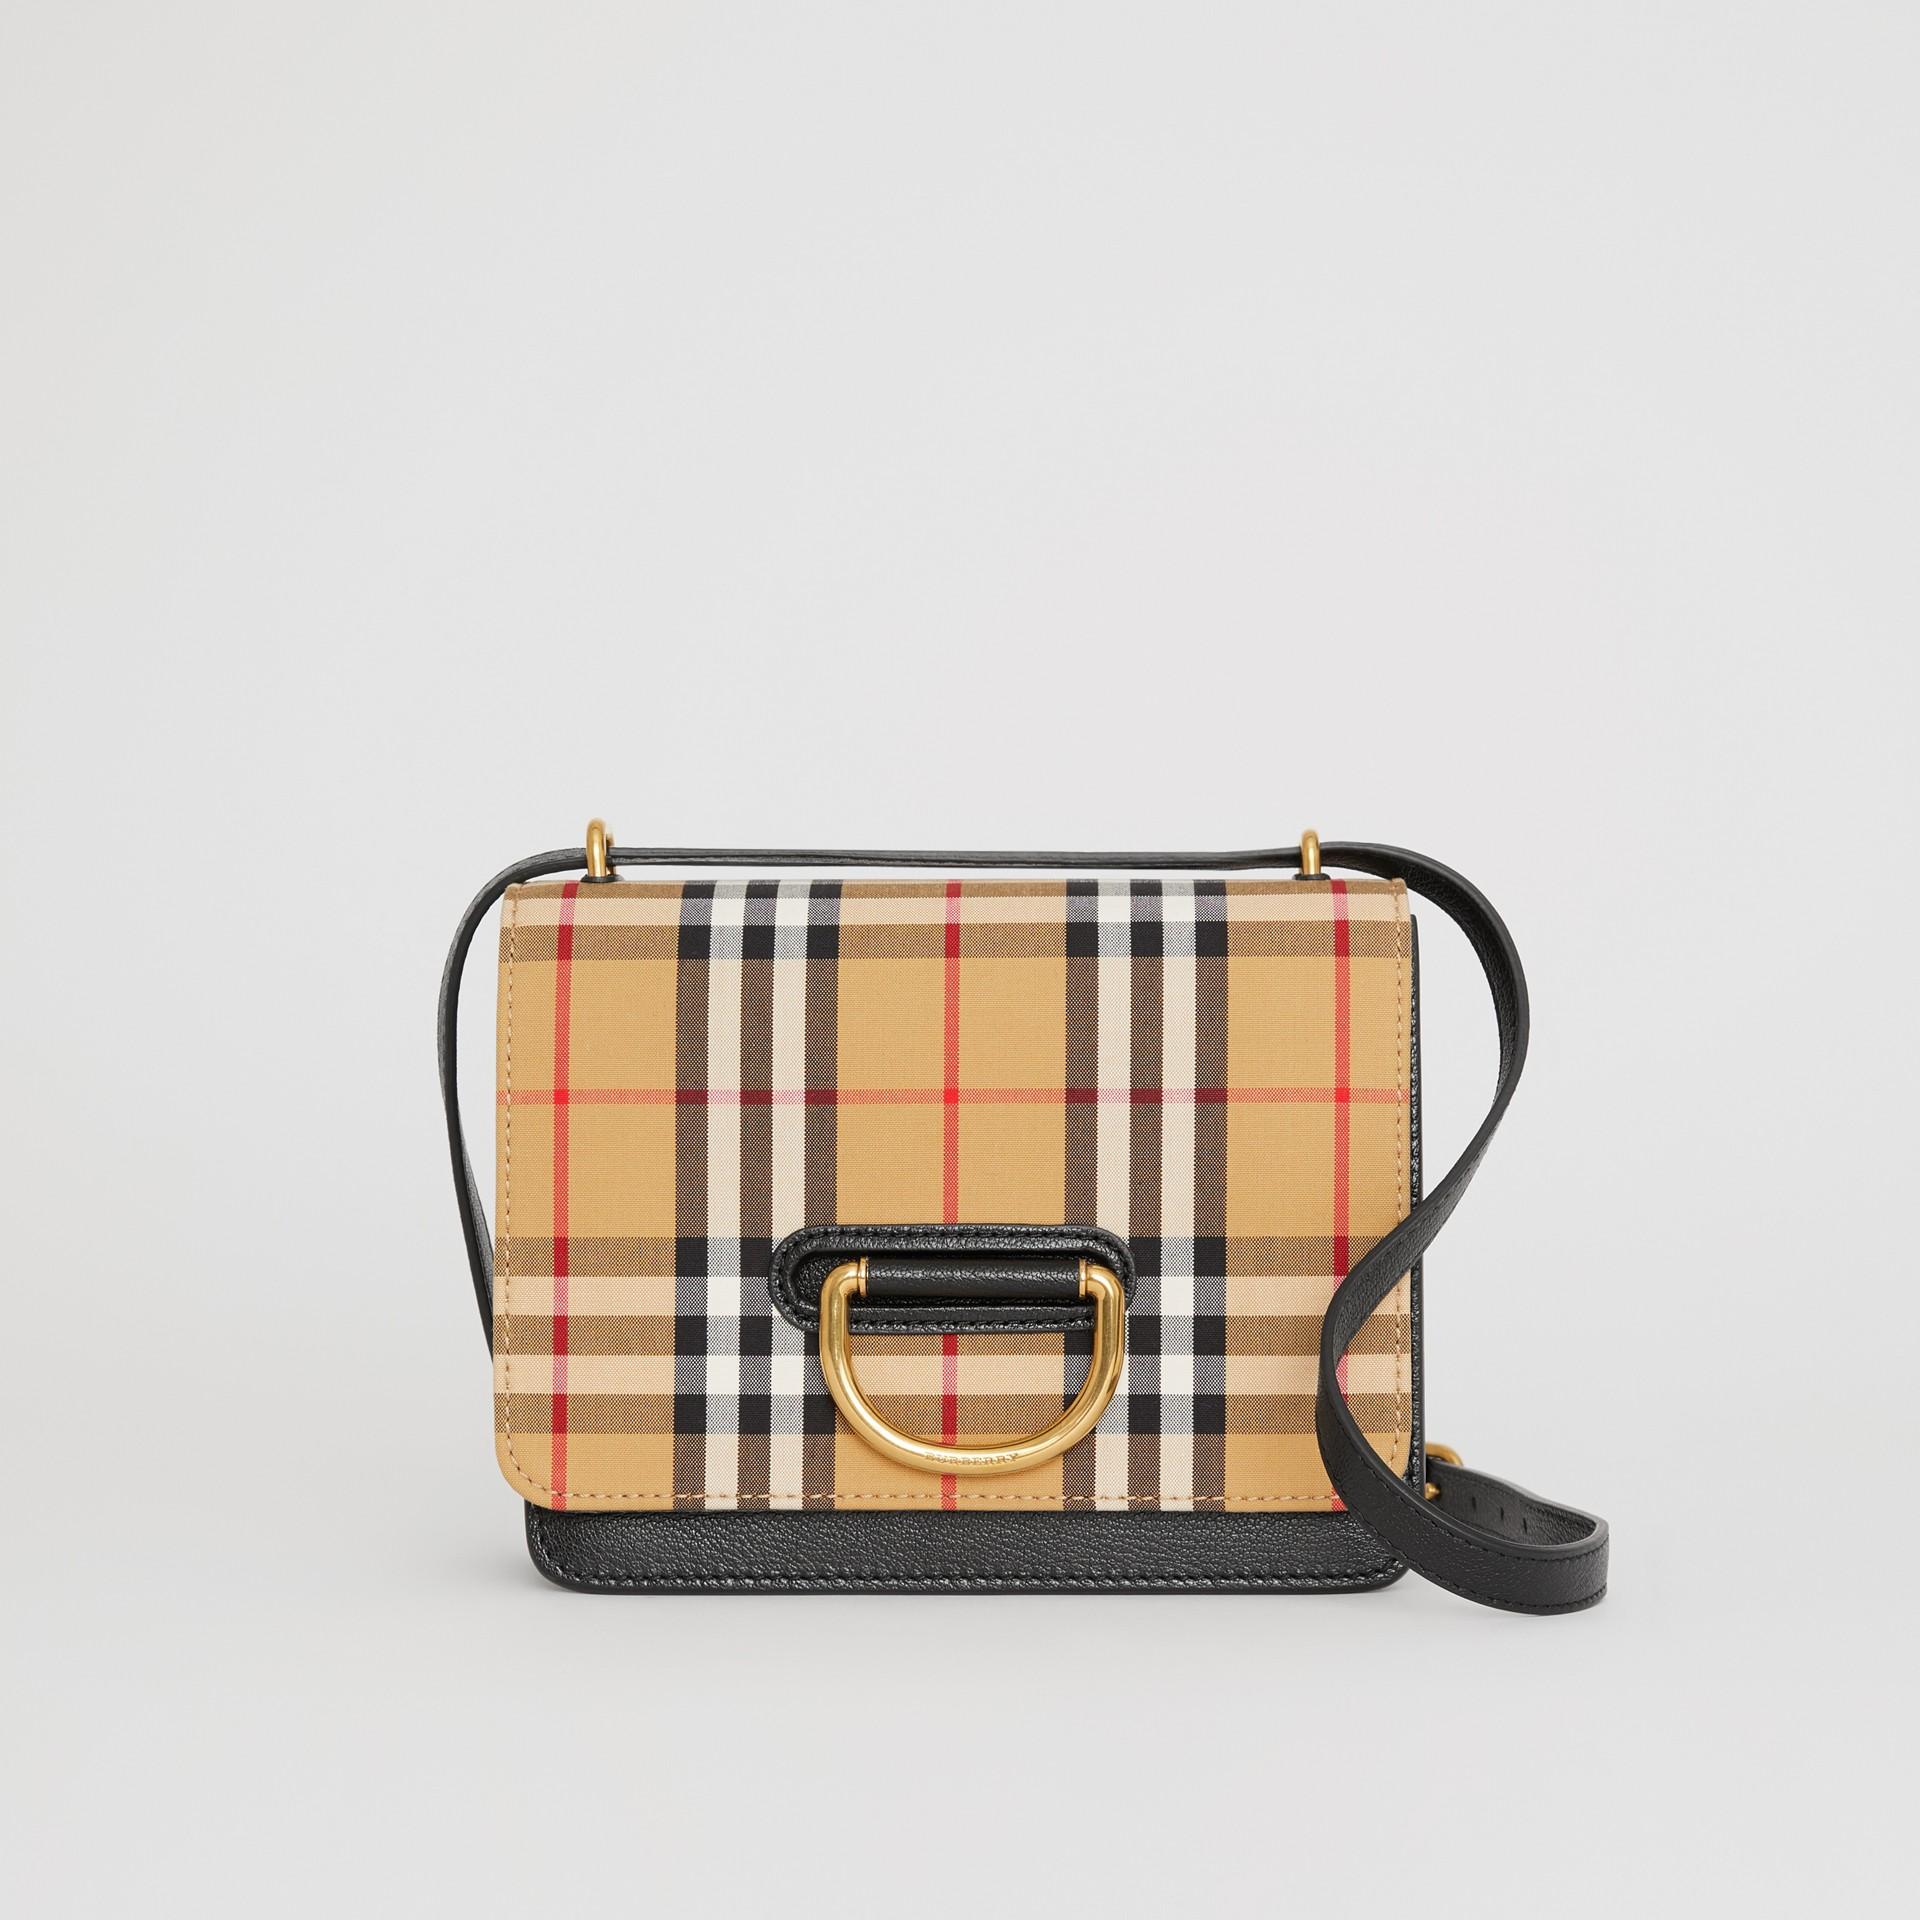 Bolso D-ring pequeño en algodón a cuadros Vintage Checks y piel (Negro / Amarillo Envejecido) - Mujer   Burberry - imagen de la galería 0